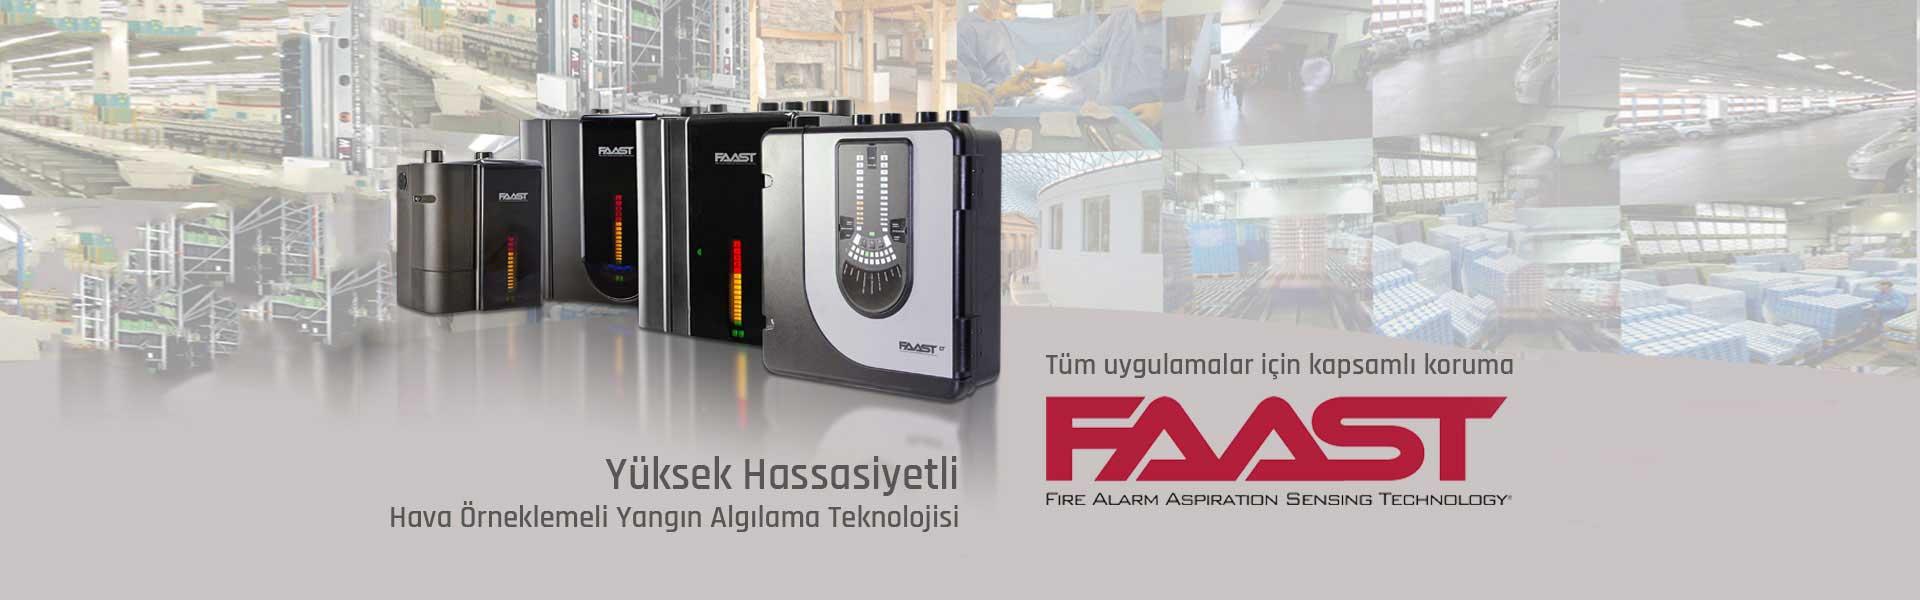 Faast Yangın Algılama Teknolojisi